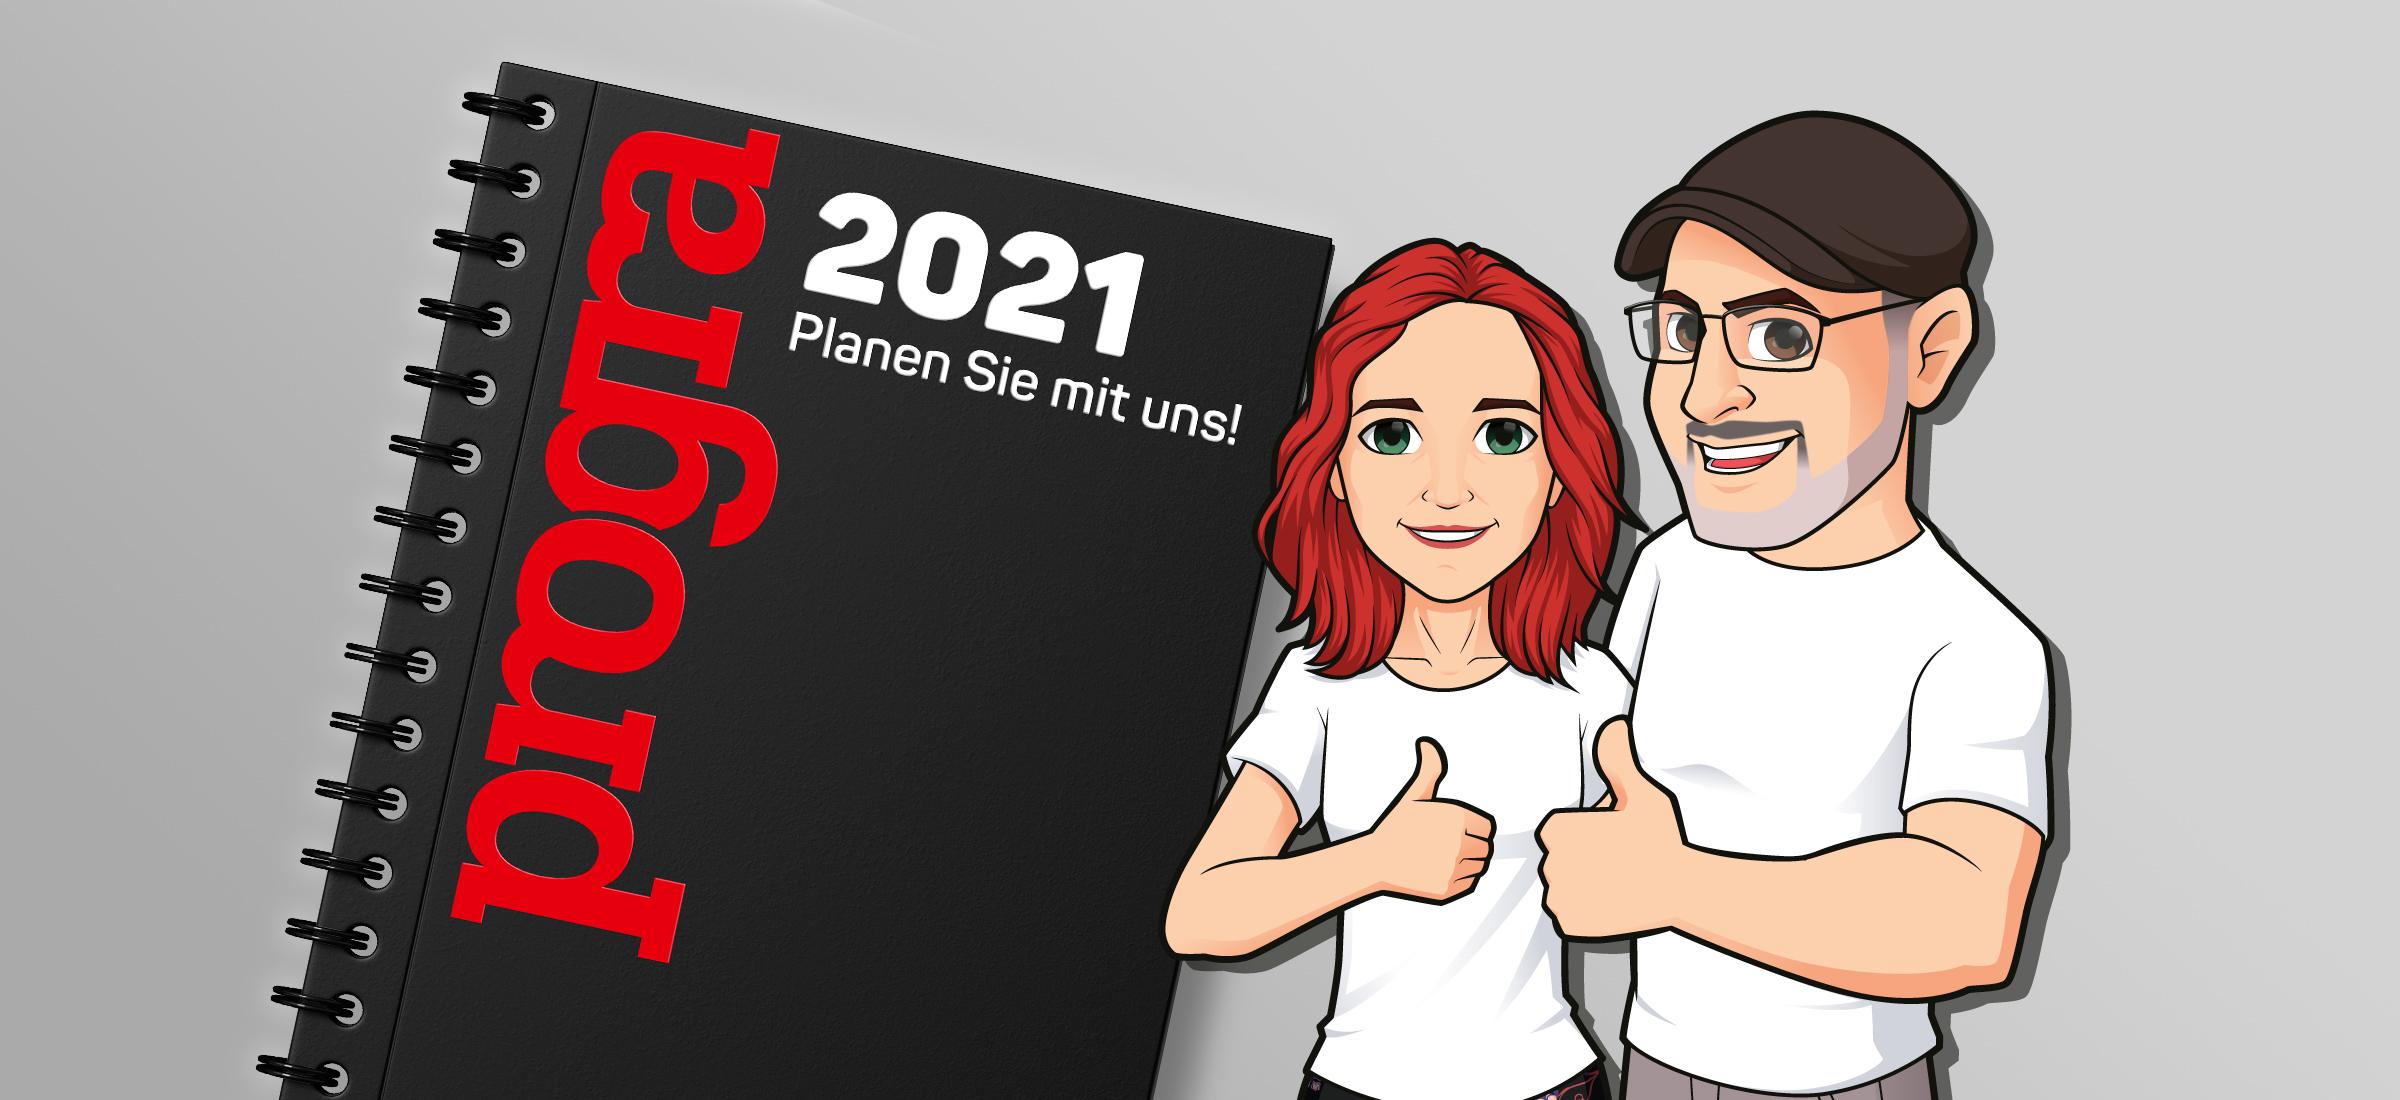 progra - 2021 kann kommen